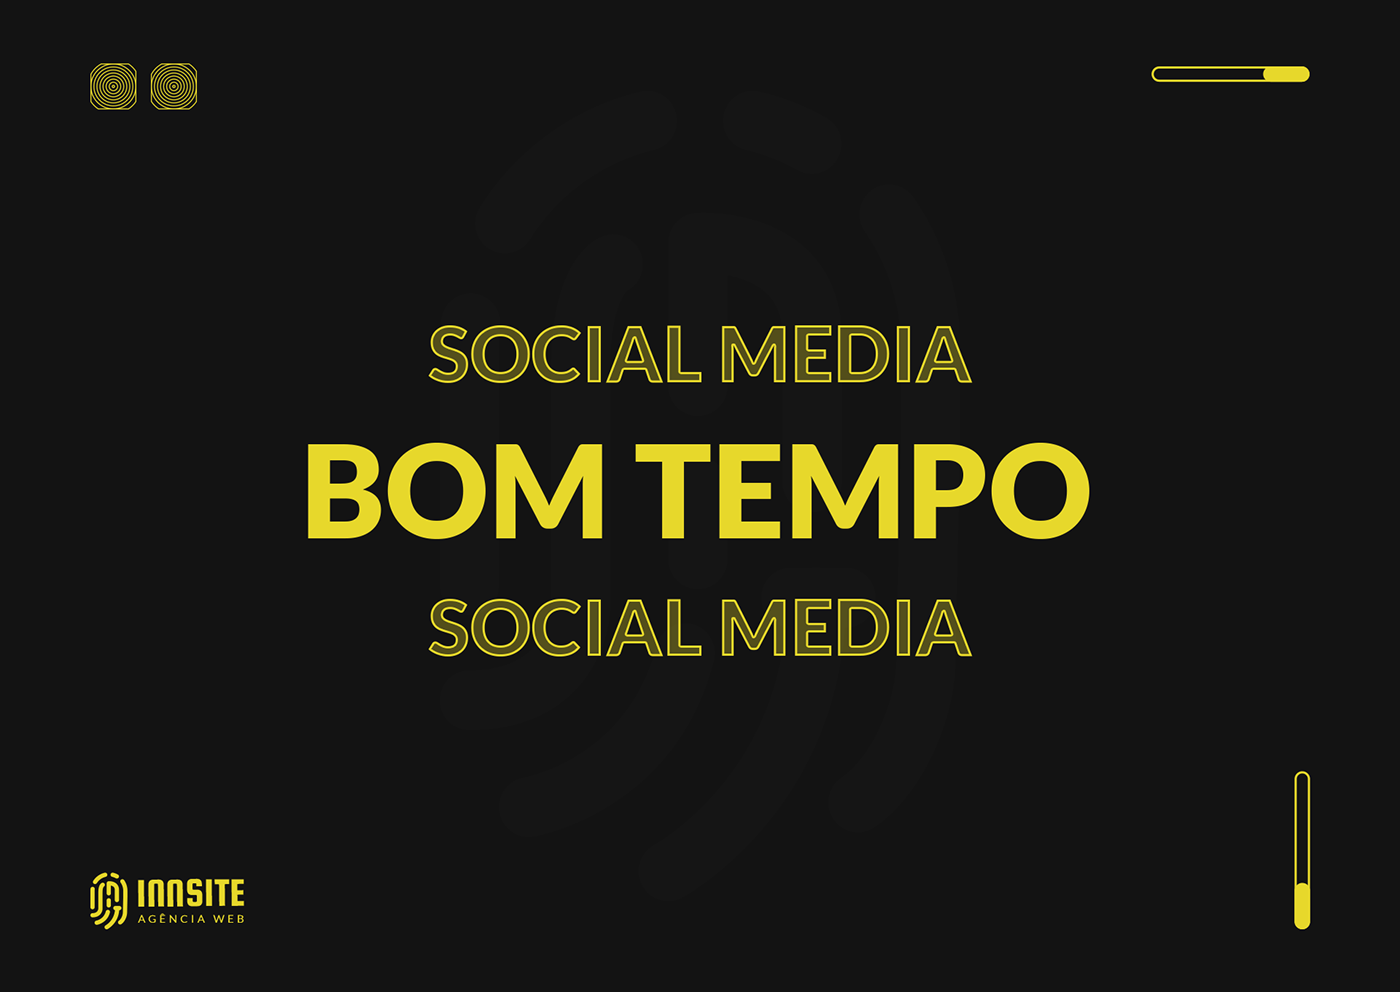 bom tempo design inbound marketing innsite marketing   marketing digital social media